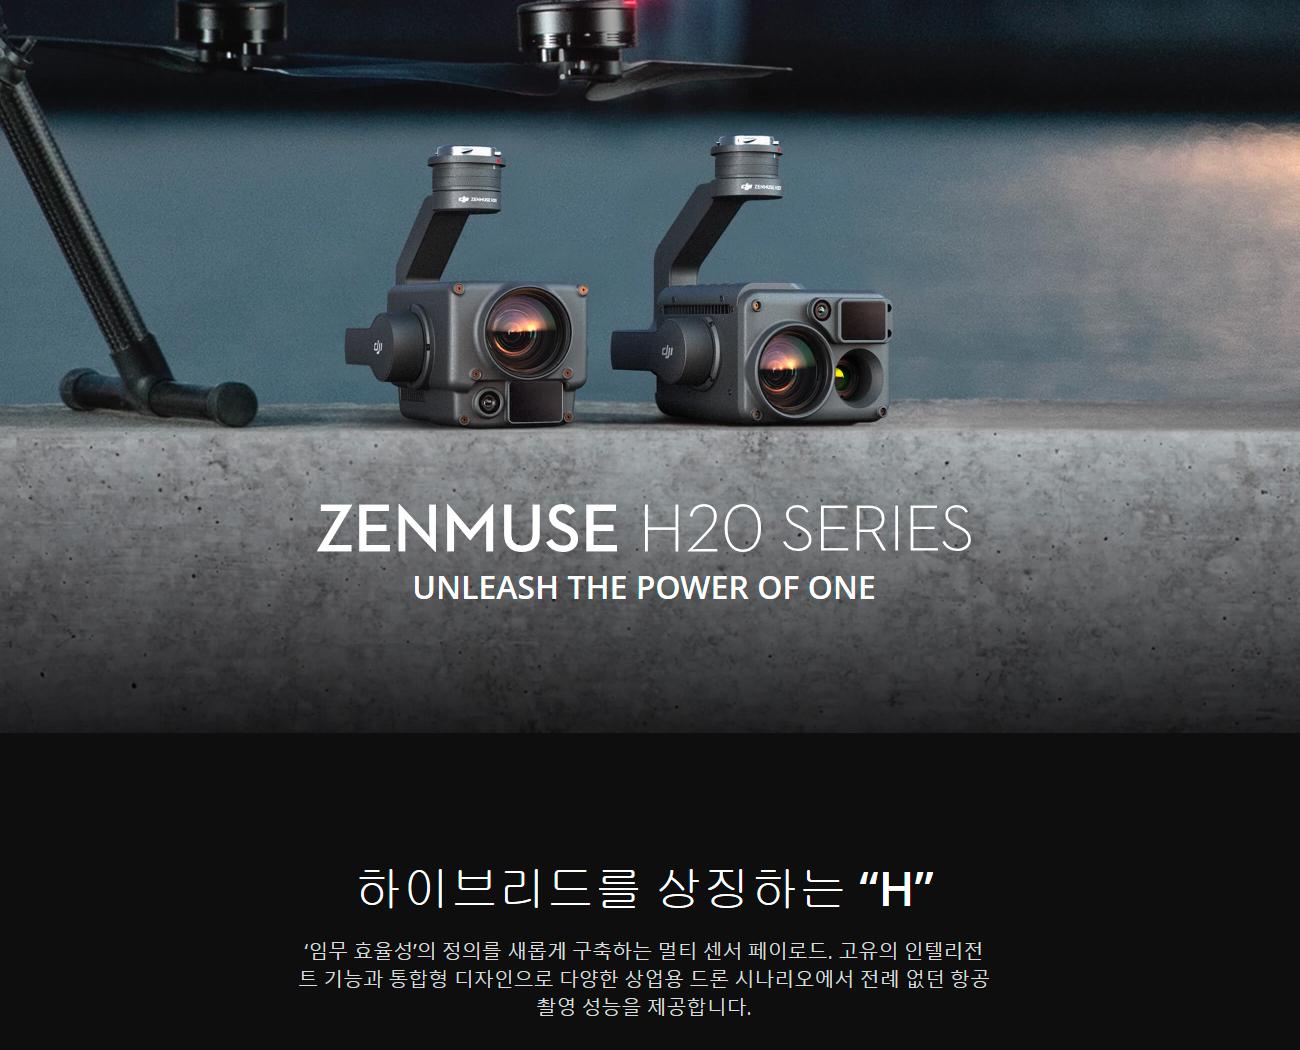 코세코 DJI 젠뮤즈 Zenmuse H20 Series